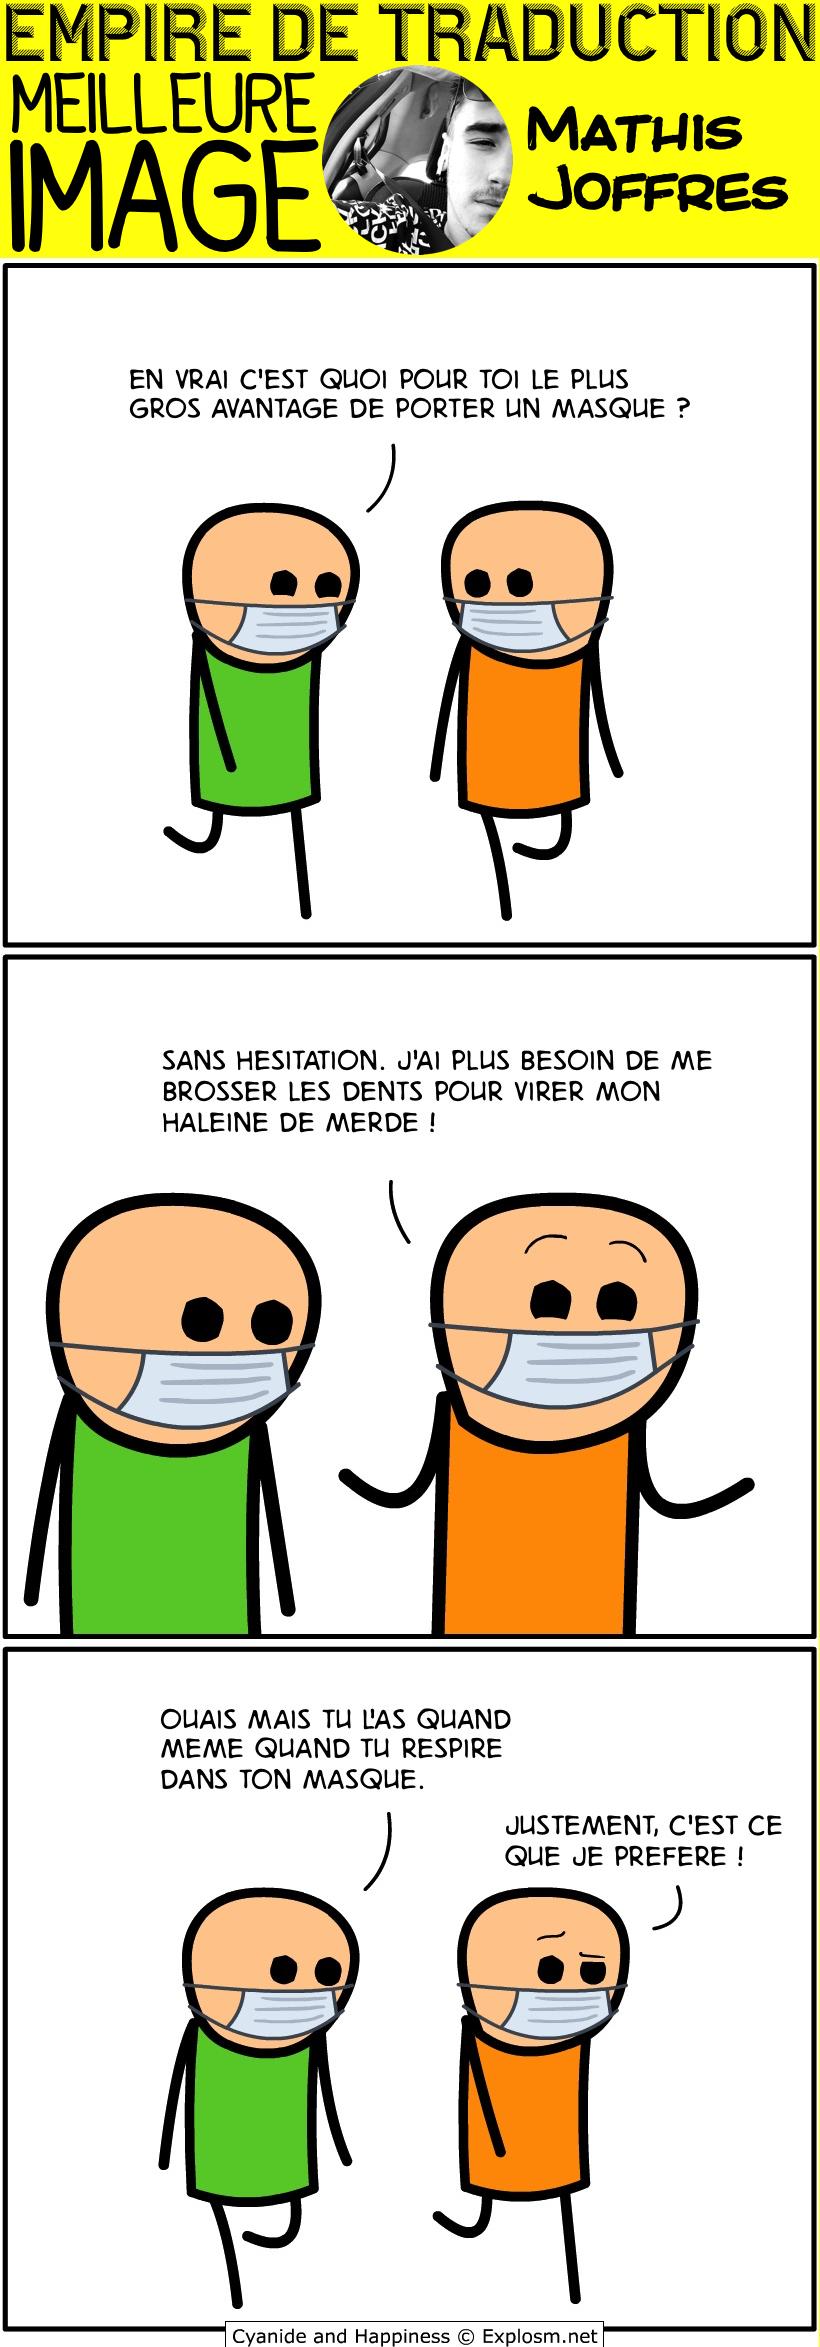 masque nez cyanide